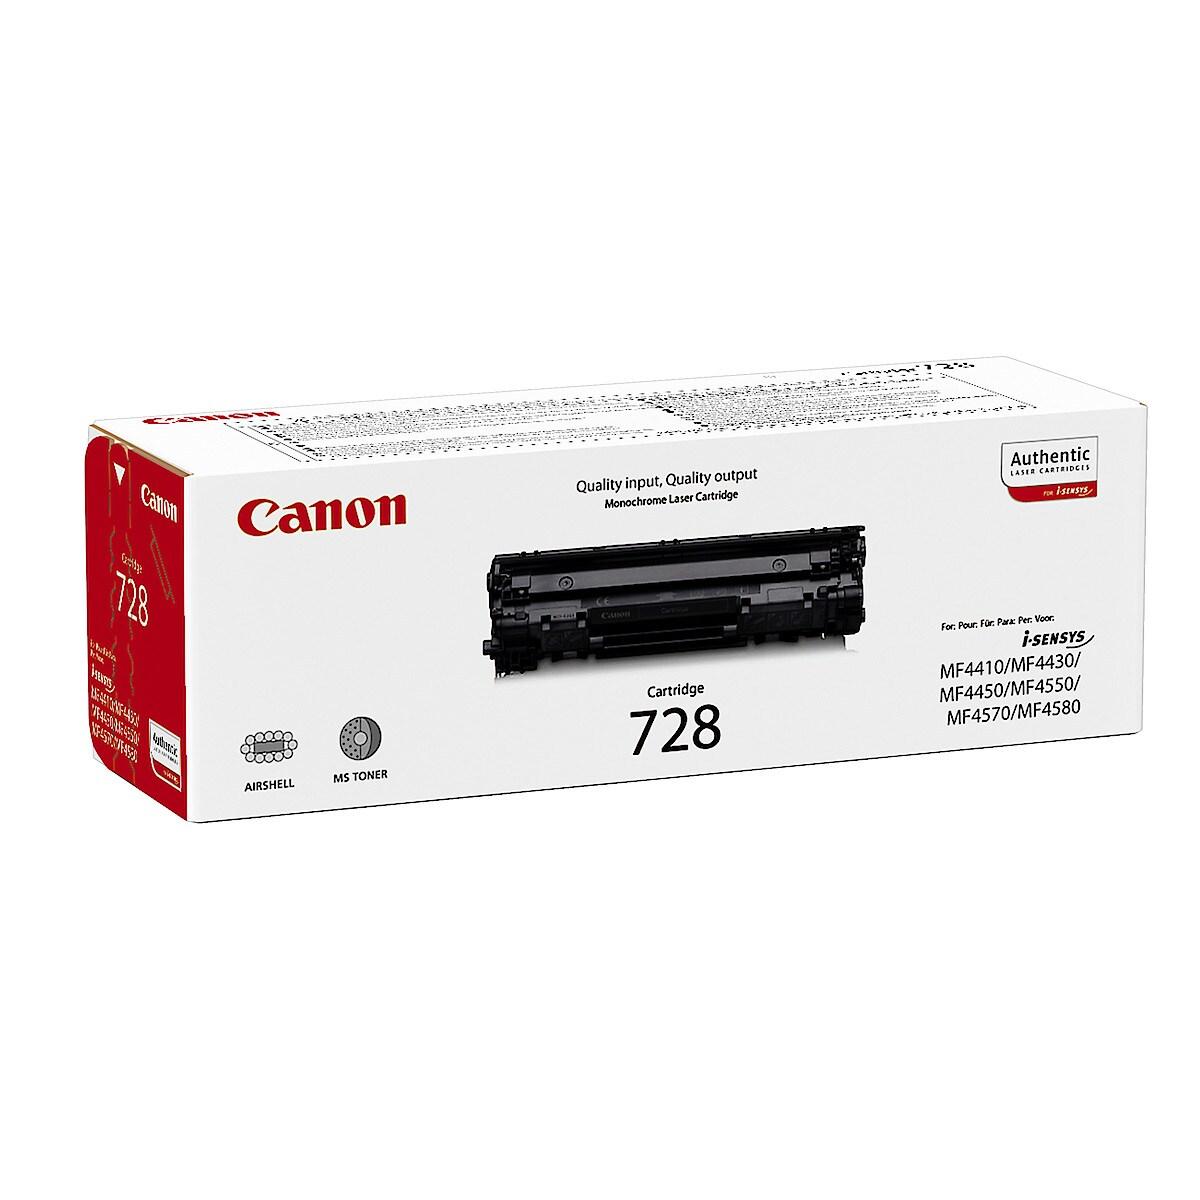 Toner Canon CRG 728